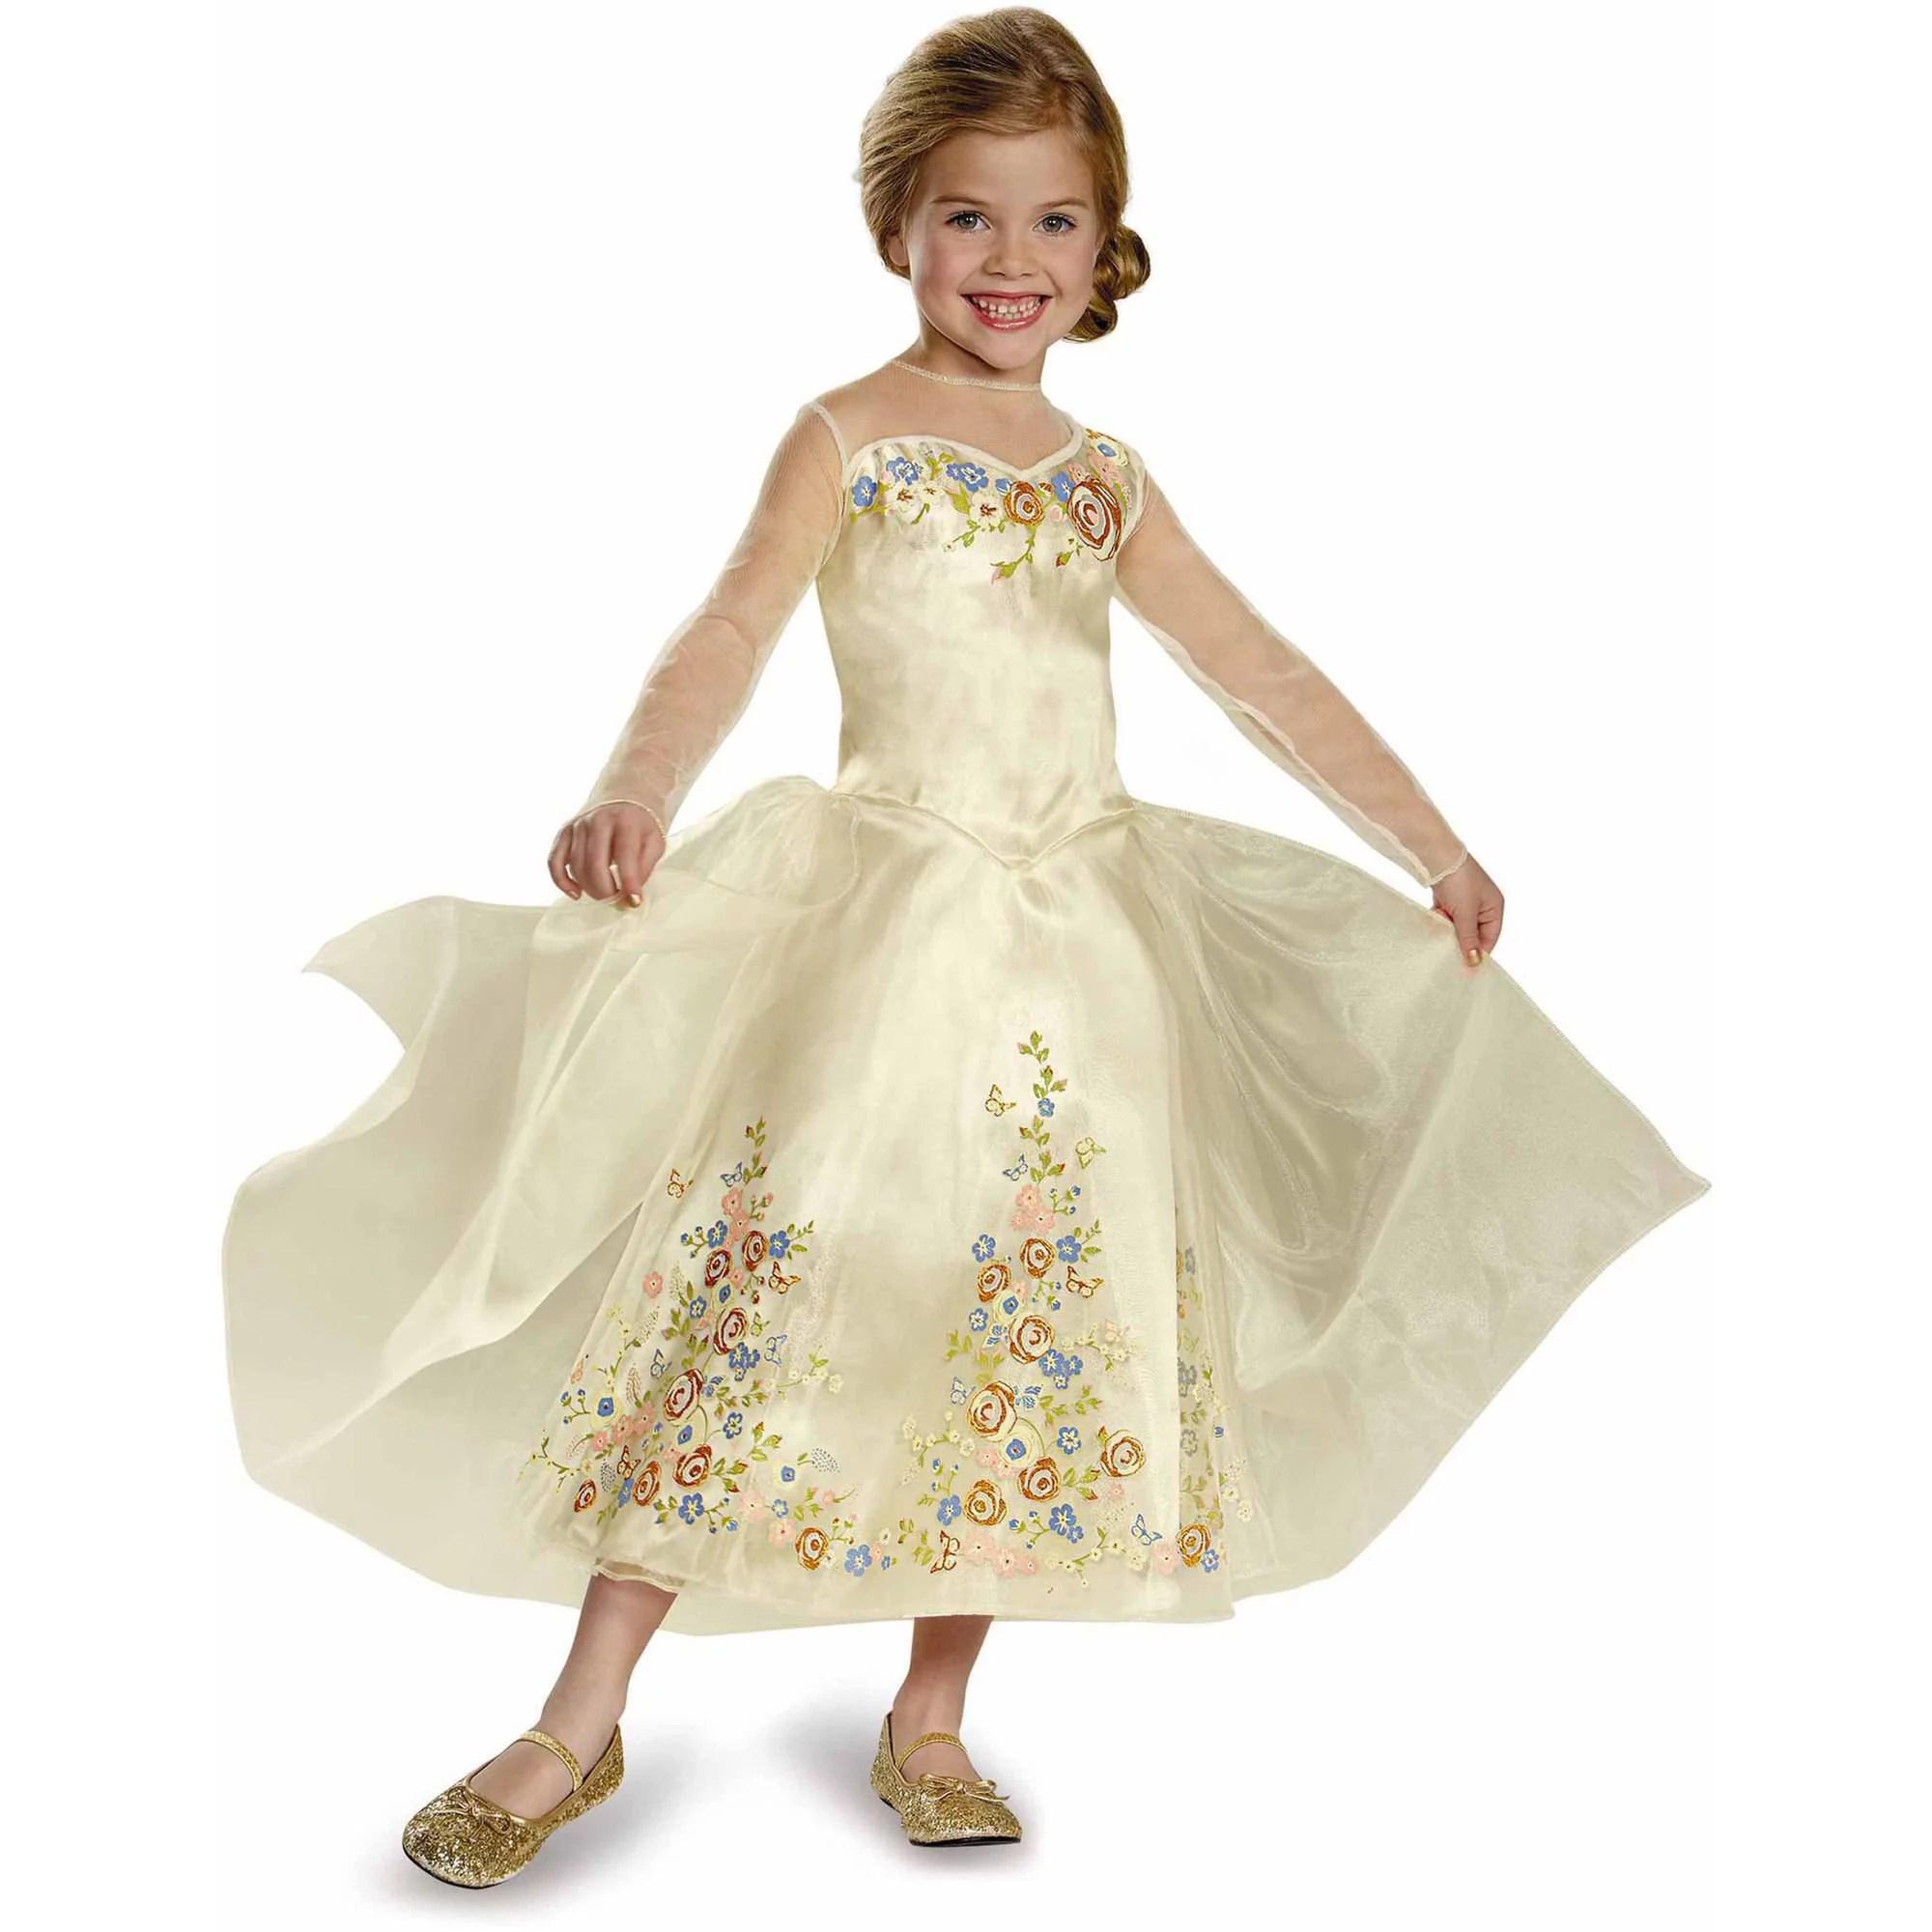 cinderella wedding dress disney movie cinderella wedding dresses Cinderella Movie Wedding Dress Deluxe Child Costume Walmart